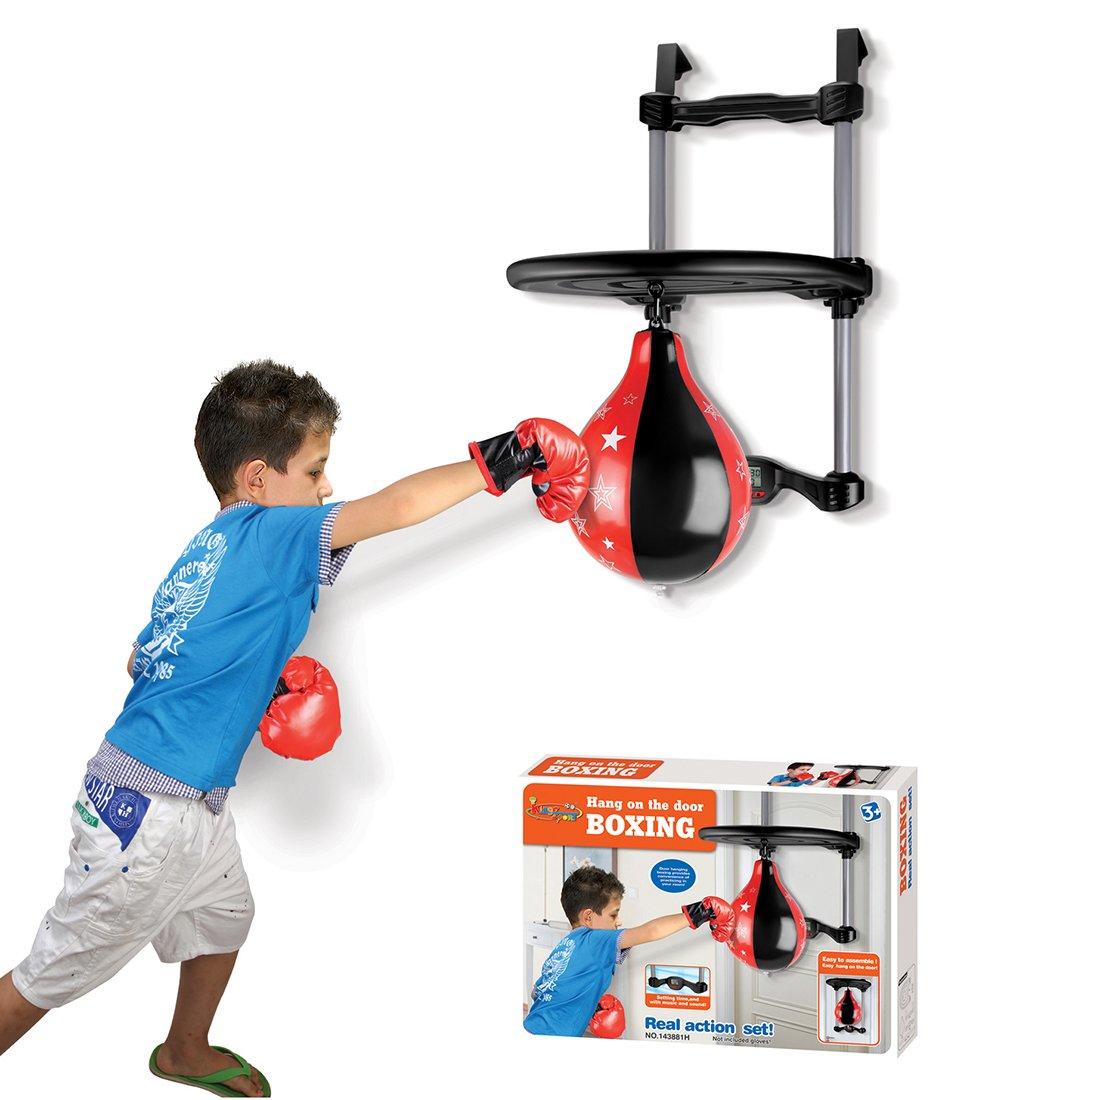 日本に hmane Hanging Boxing Punching Ball for Kids B07FDZ7ZF9 for withタイマースポーツPunching Boxing Bag forアウトドア/インドア B07FDZ7ZF9, ミハマチョウ:ac7176fa --- a0267596.xsph.ru